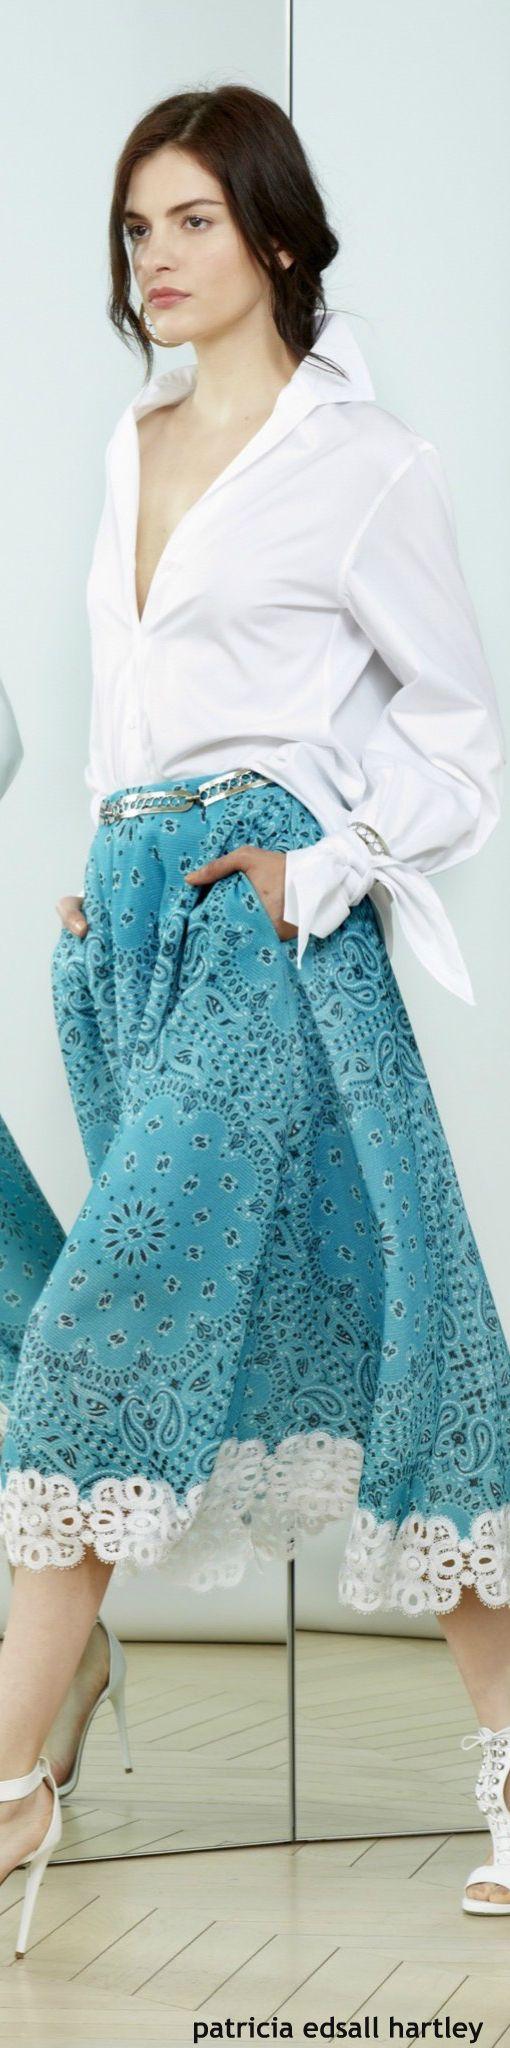 Está Saia de Renda é tão bonito, com os bolsos também! / This Lace Skirt is so cute, with pockets too!